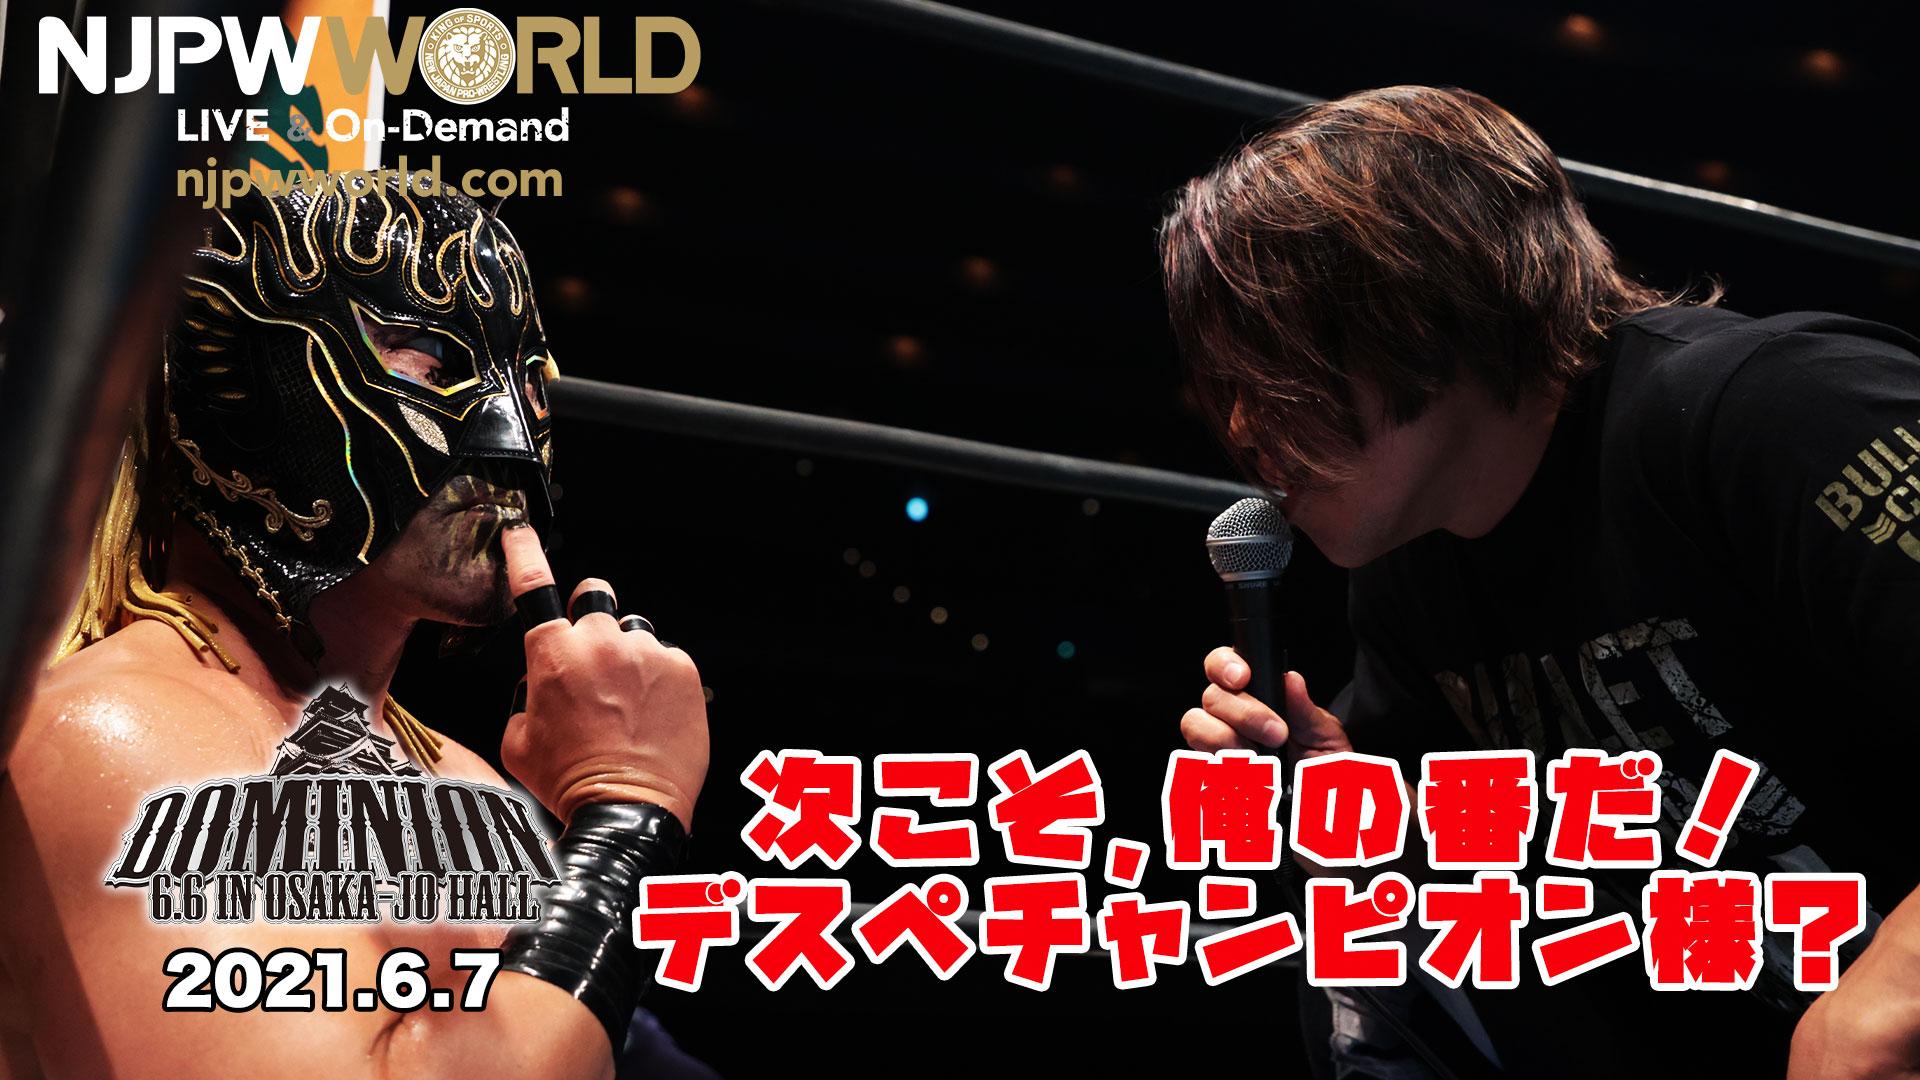 「次こそ、俺の番だ!」石森&ファンタズモが、Jr.シングルとJr.タッグに挑戦表明!